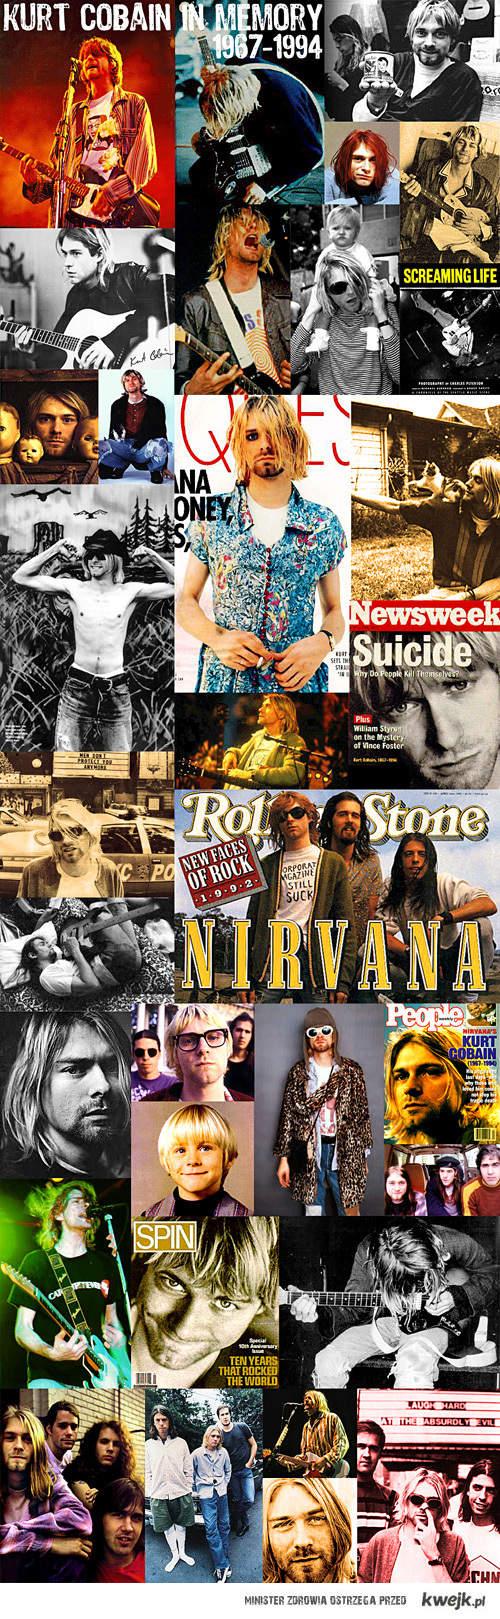 Kurt Cobain's life